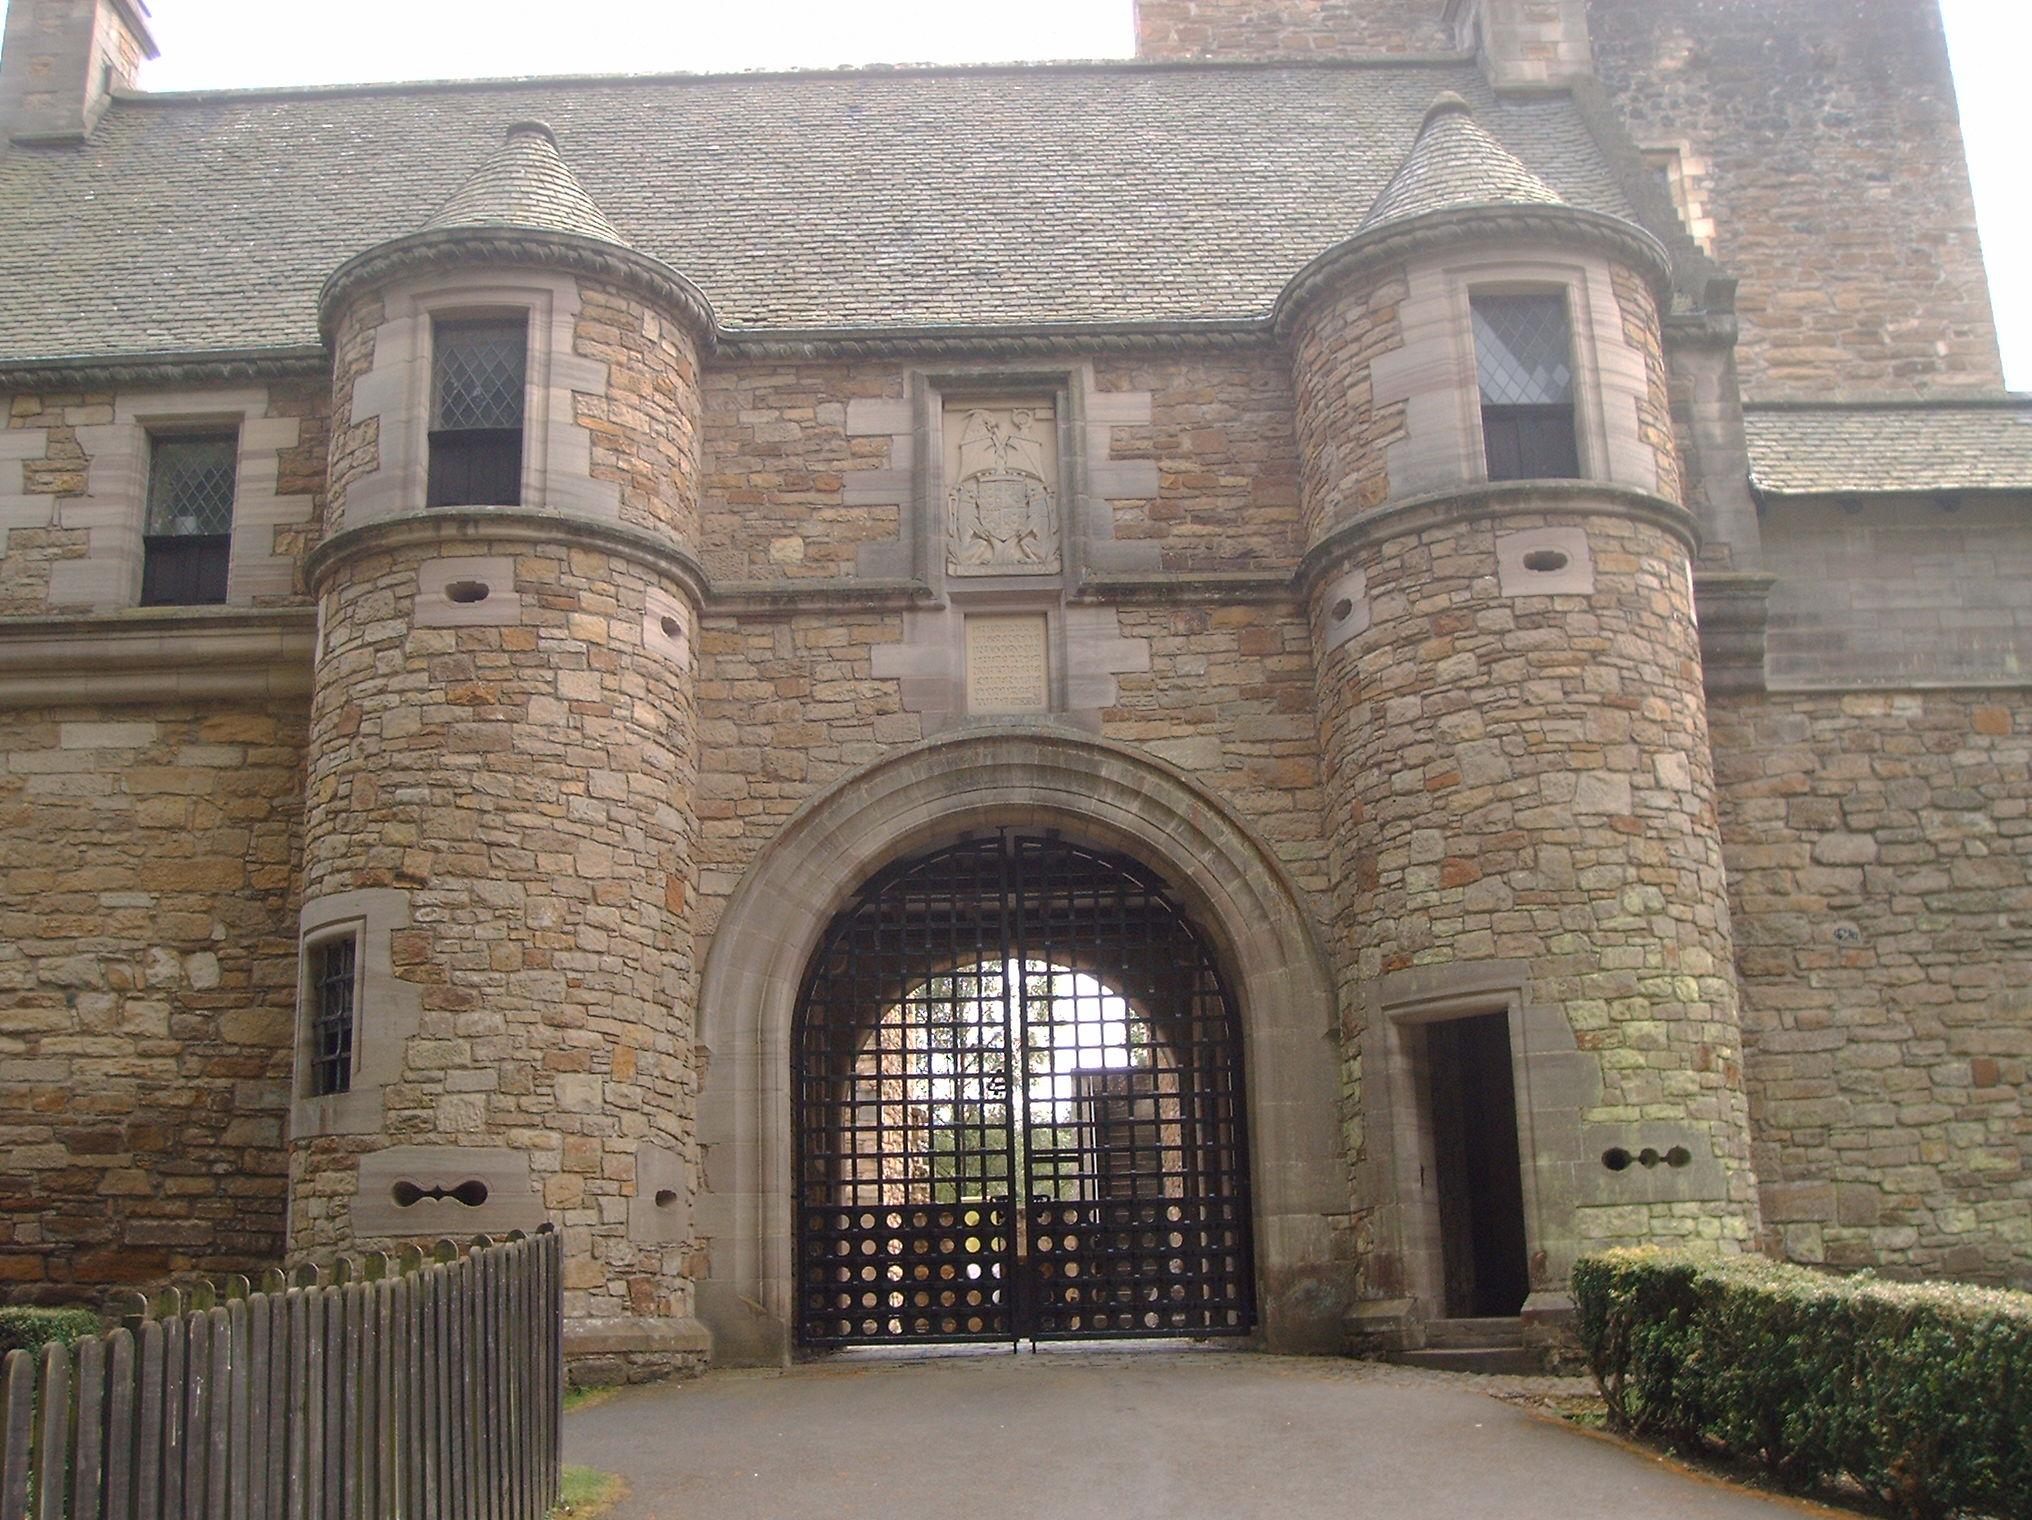 File:Dean Castle Gatehouse.JPG - Wikimedia Commons